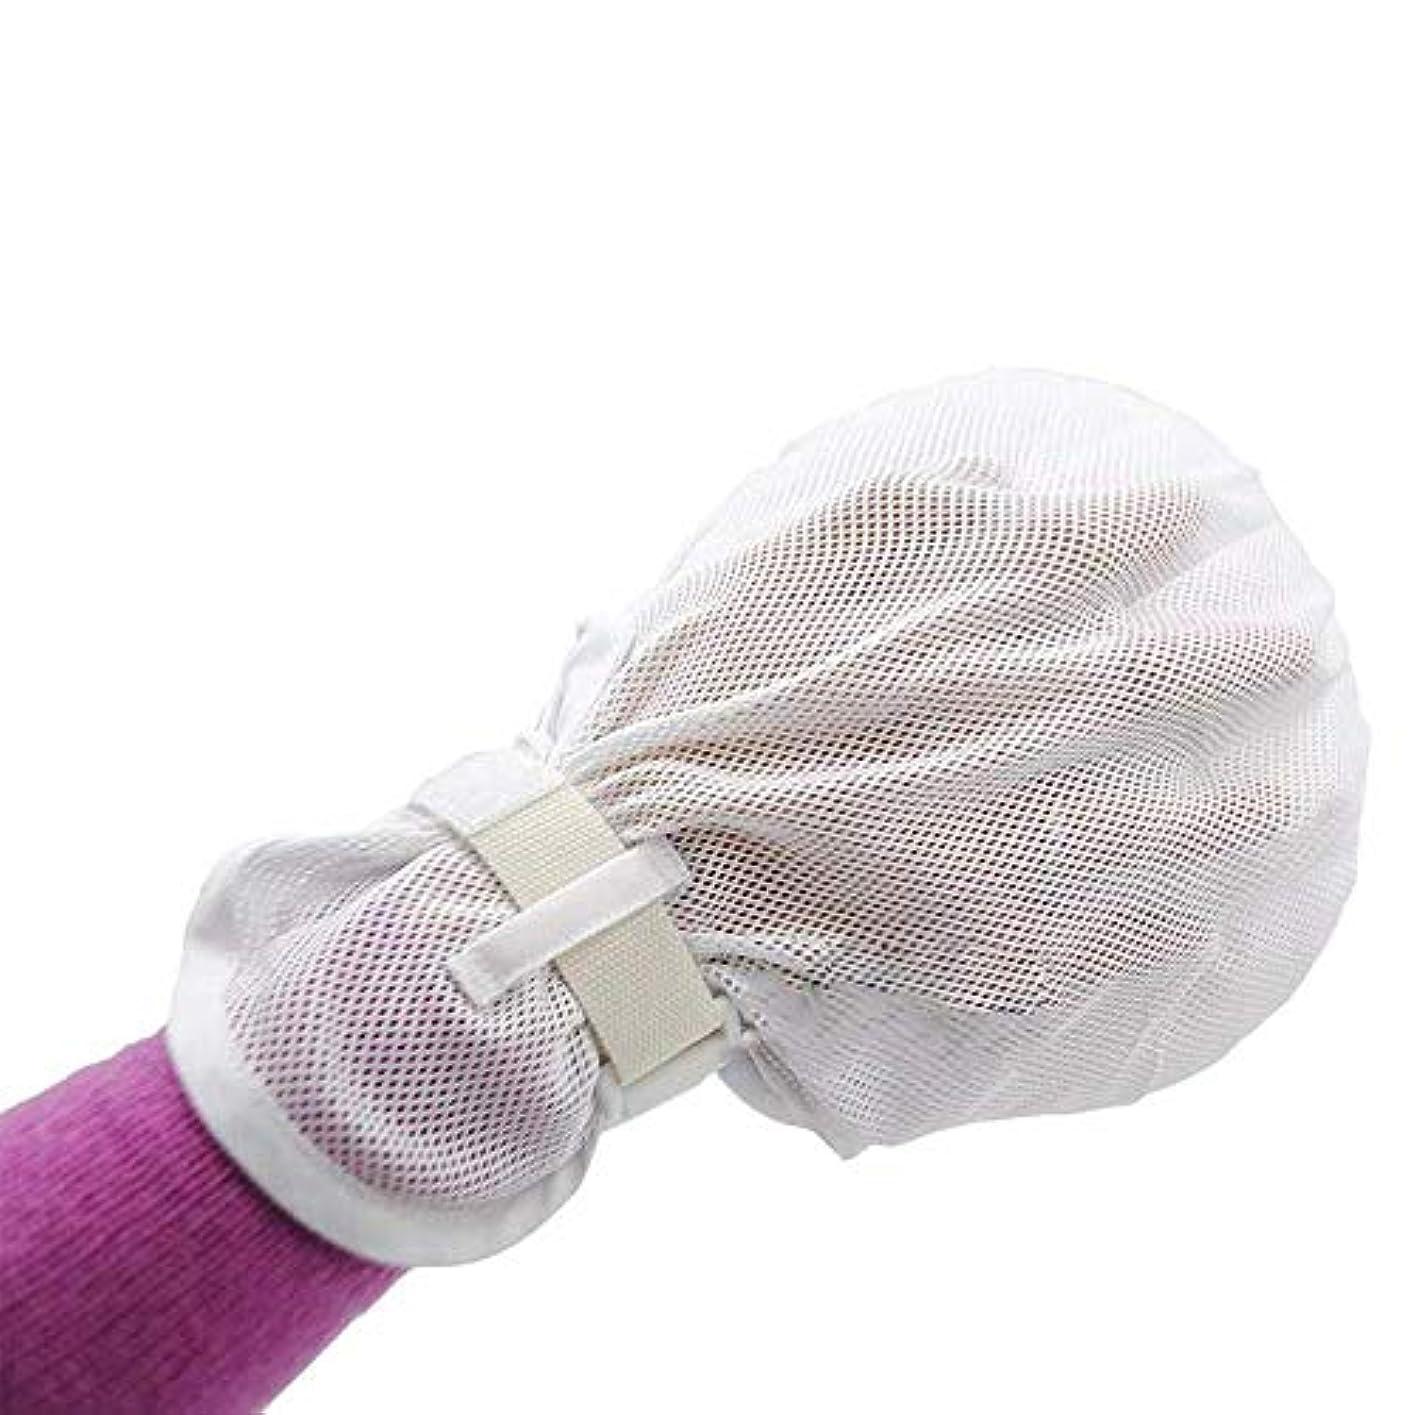 見捨てられた小説家太字安全管理ミット自己怪我ベッドレスト寝たきり患者ケア製品指の制御拘束ミット反抜管手袋予防